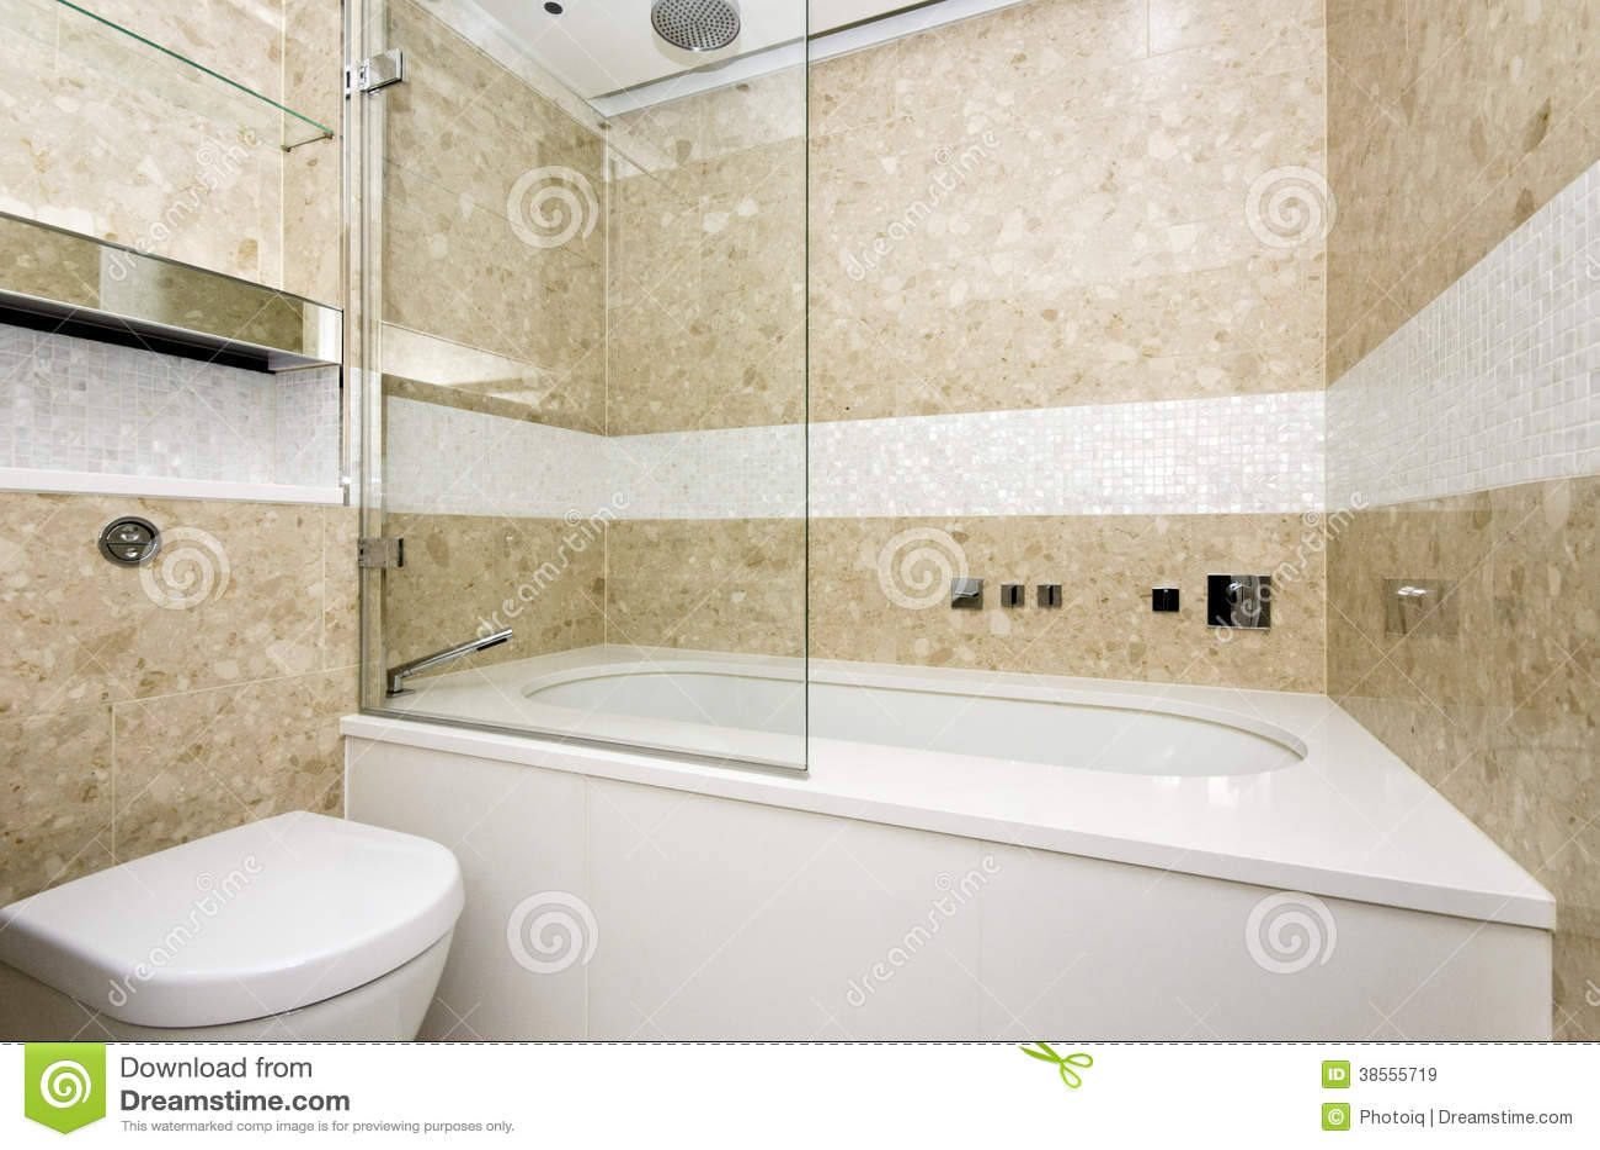 la salle de bains l gante avec la grandes baignoire et mosa que de concepteur a couvert de. Black Bedroom Furniture Sets. Home Design Ideas